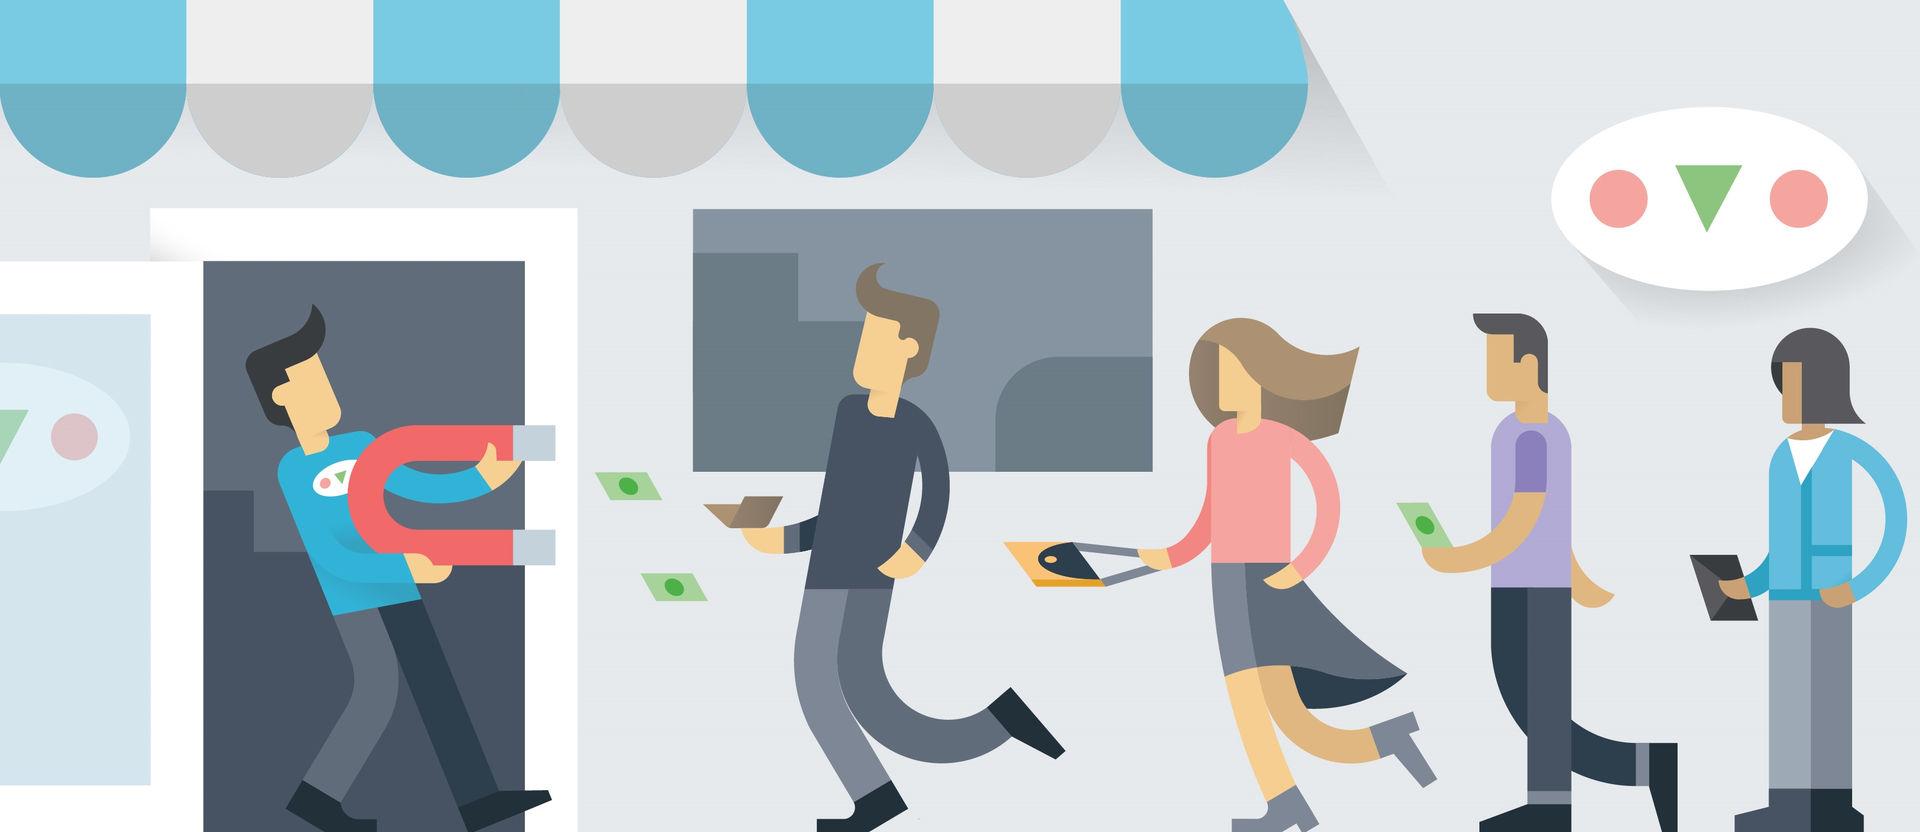 Cách giữ chân khách hàng hiệu quả